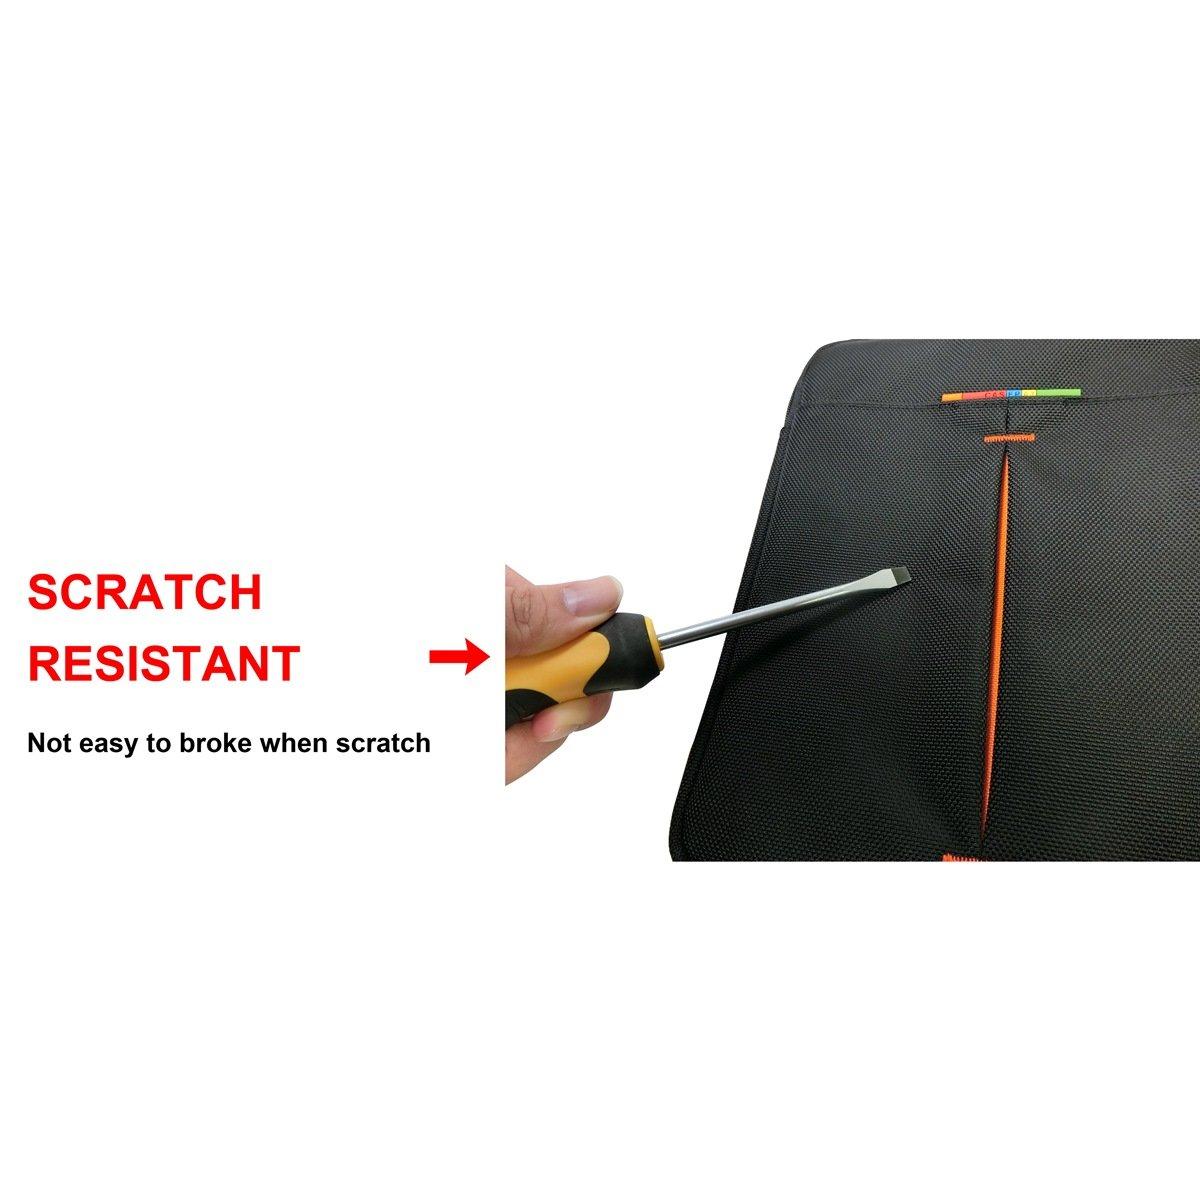 A79JK-10 Scratch Resistant01 SQ 1200